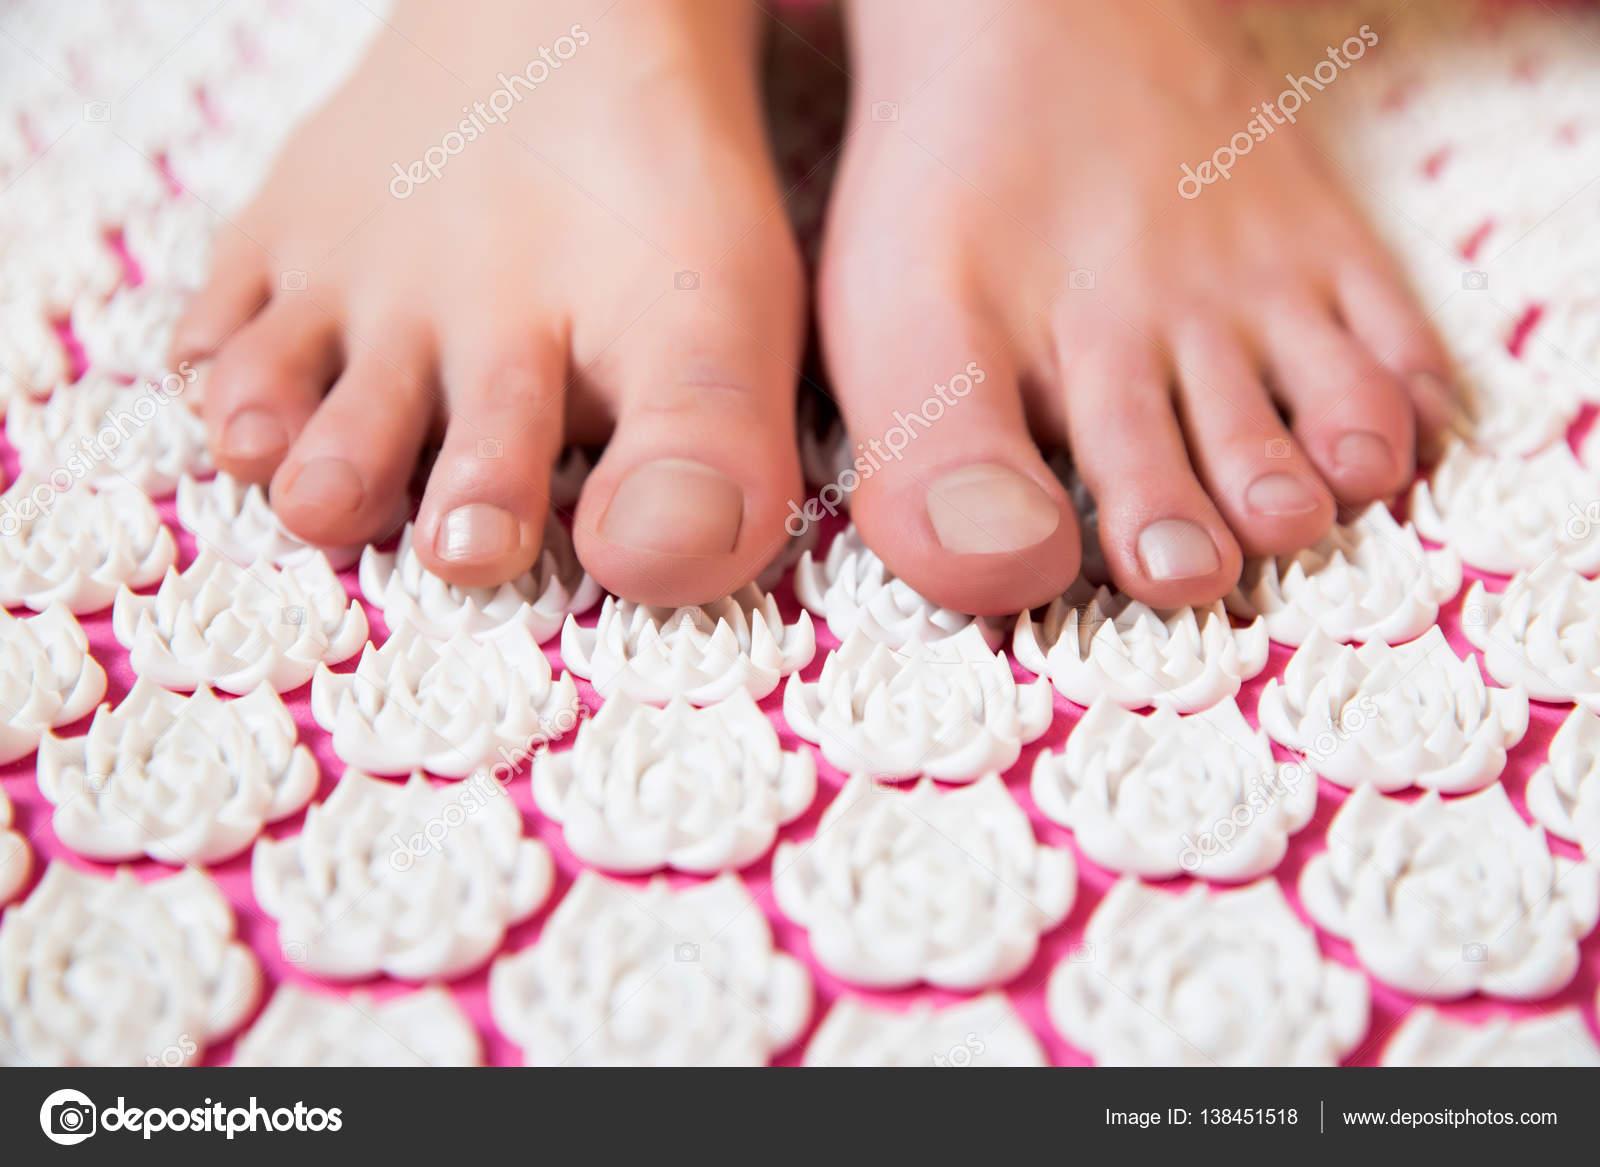 spikmatta för fötter